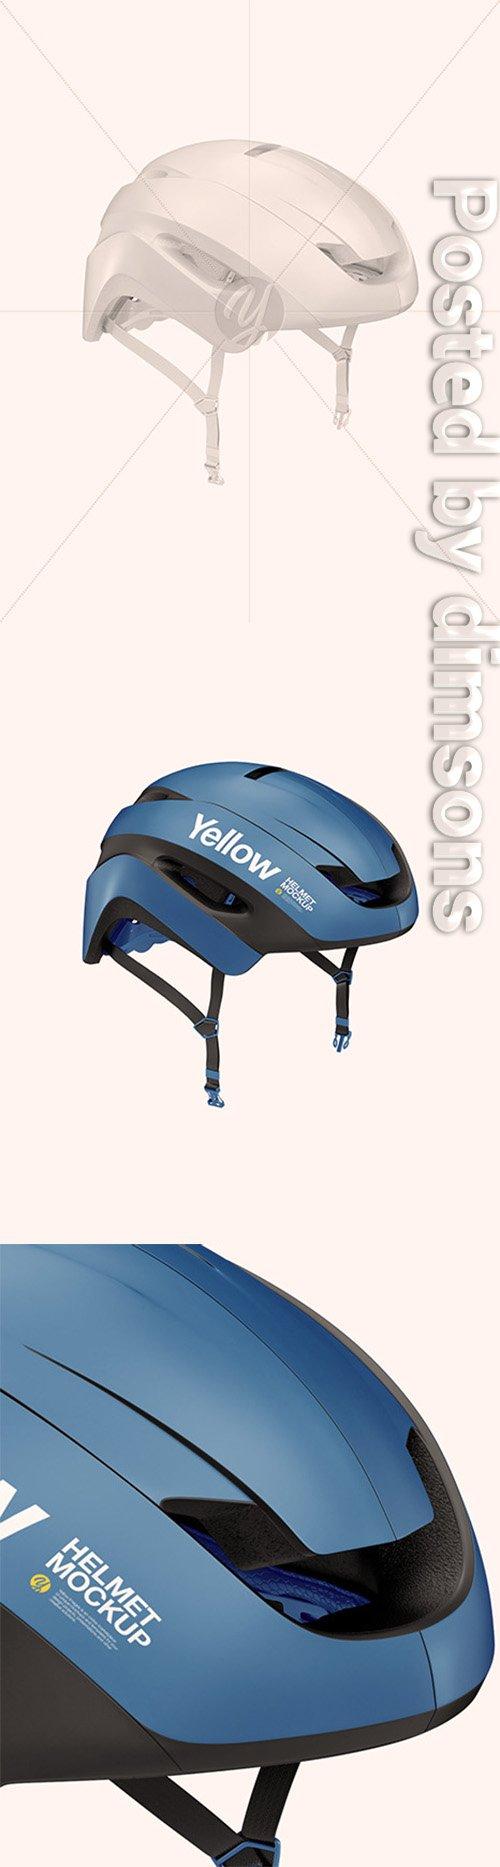 Cycling Helmet Mockup 46019 TIF